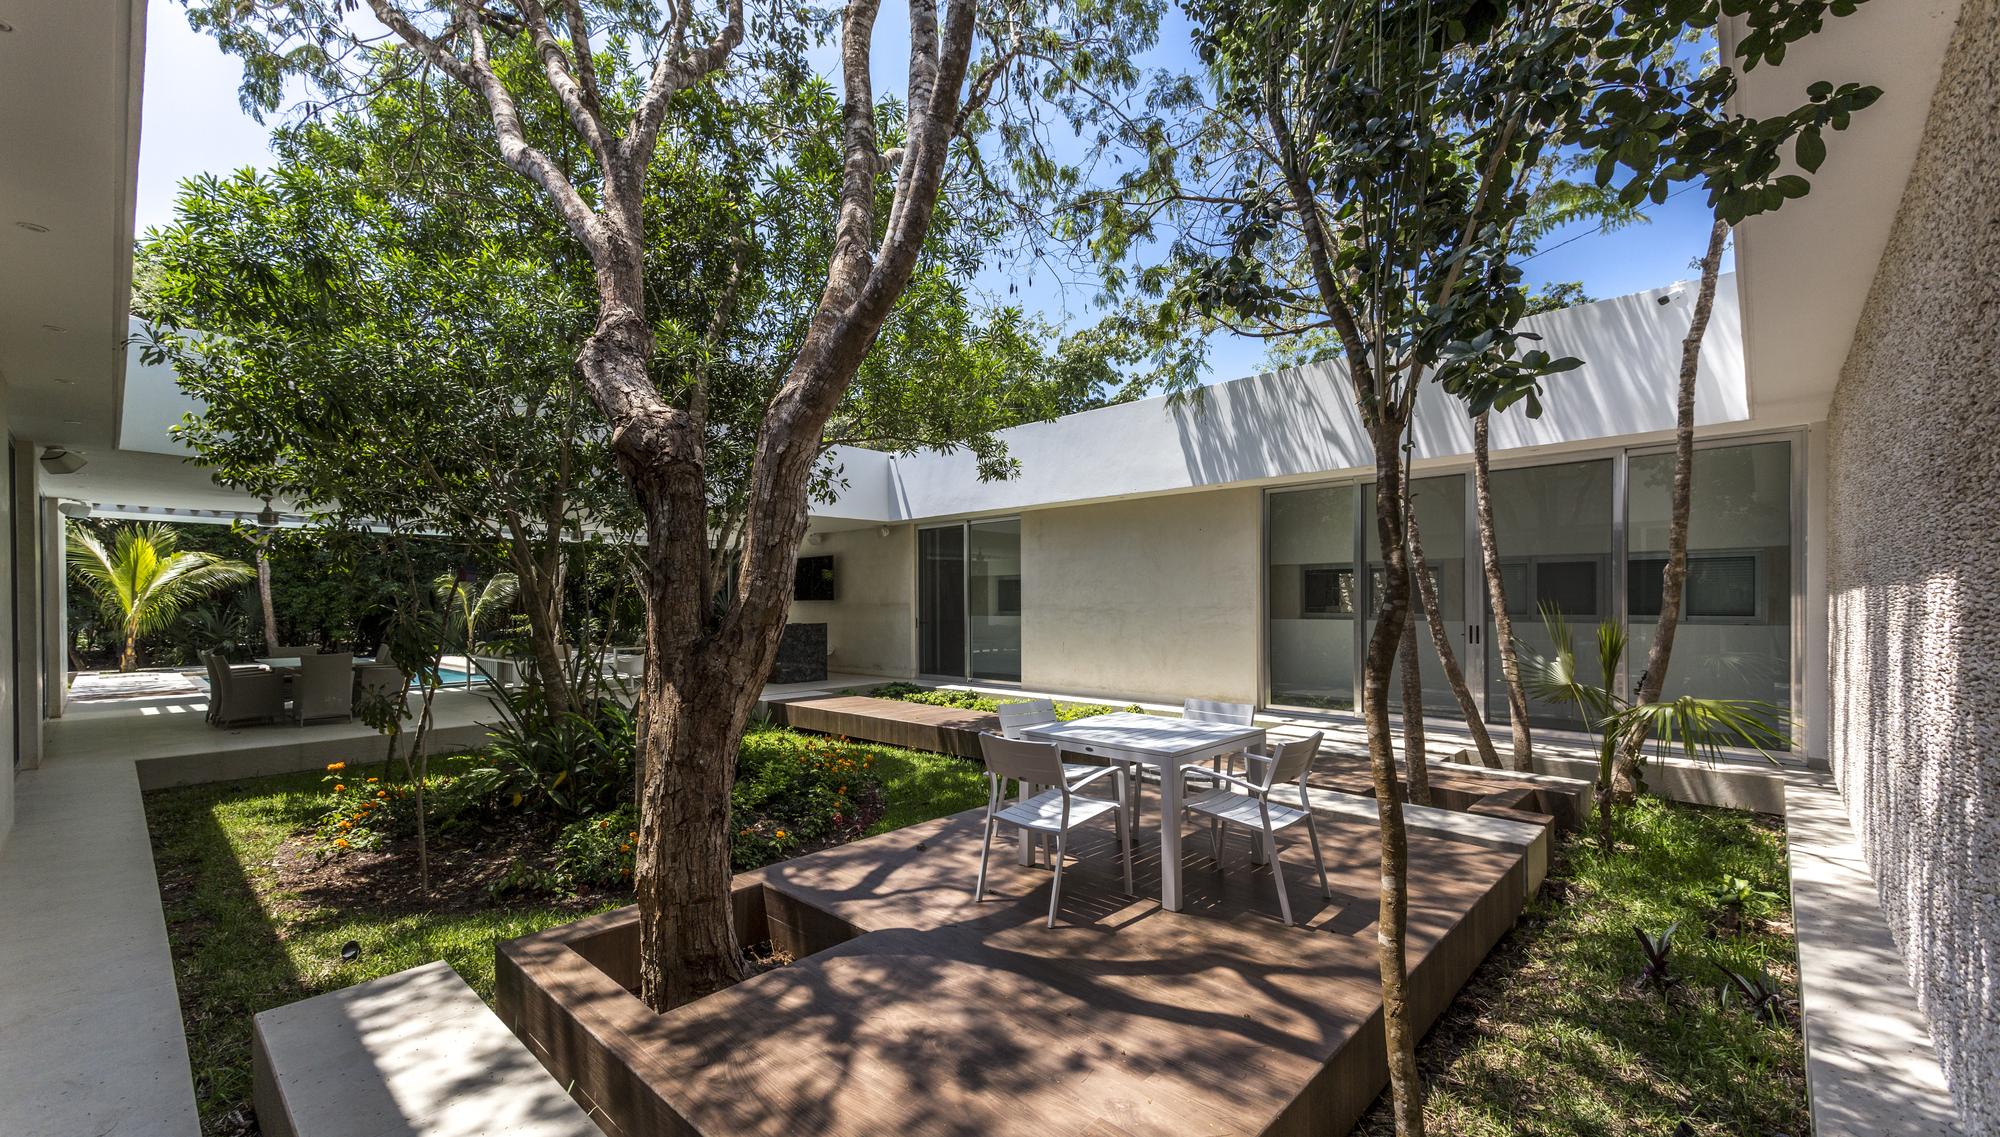 Galer a de casa entre rboles as arquitectura 4 - Cabana en los arboles ...